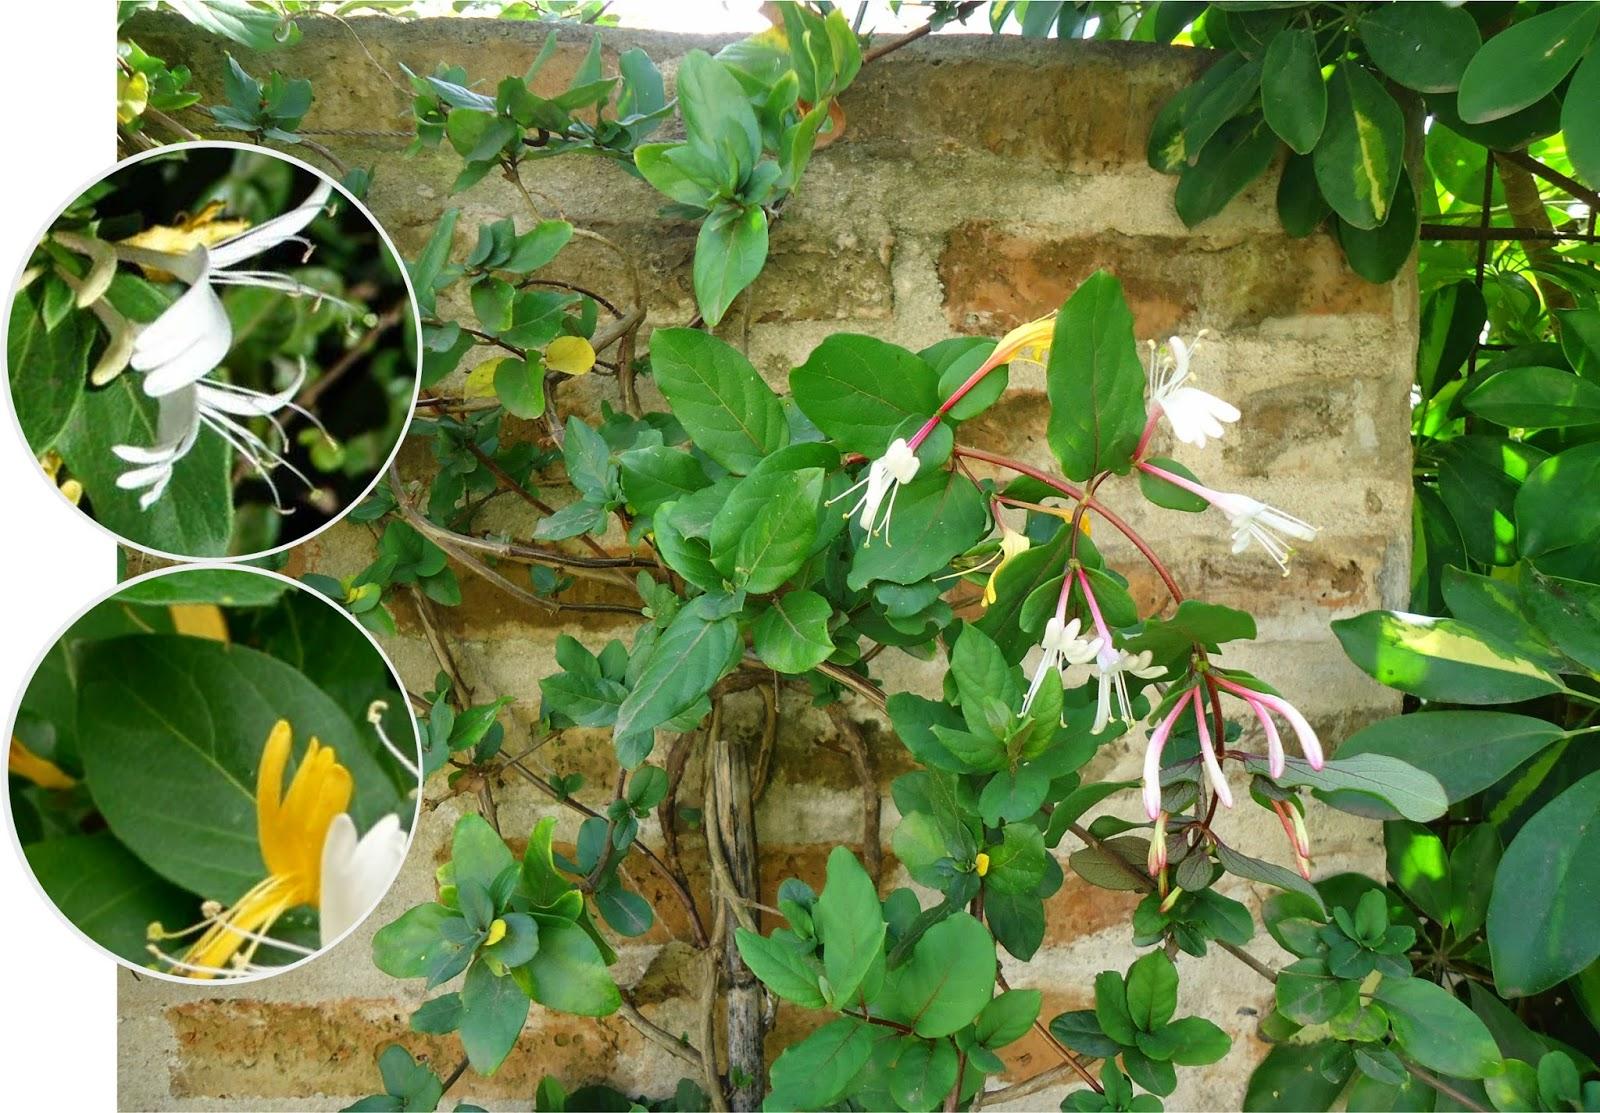 V e r d e c h a c o madreselva - Madreselva planta ...